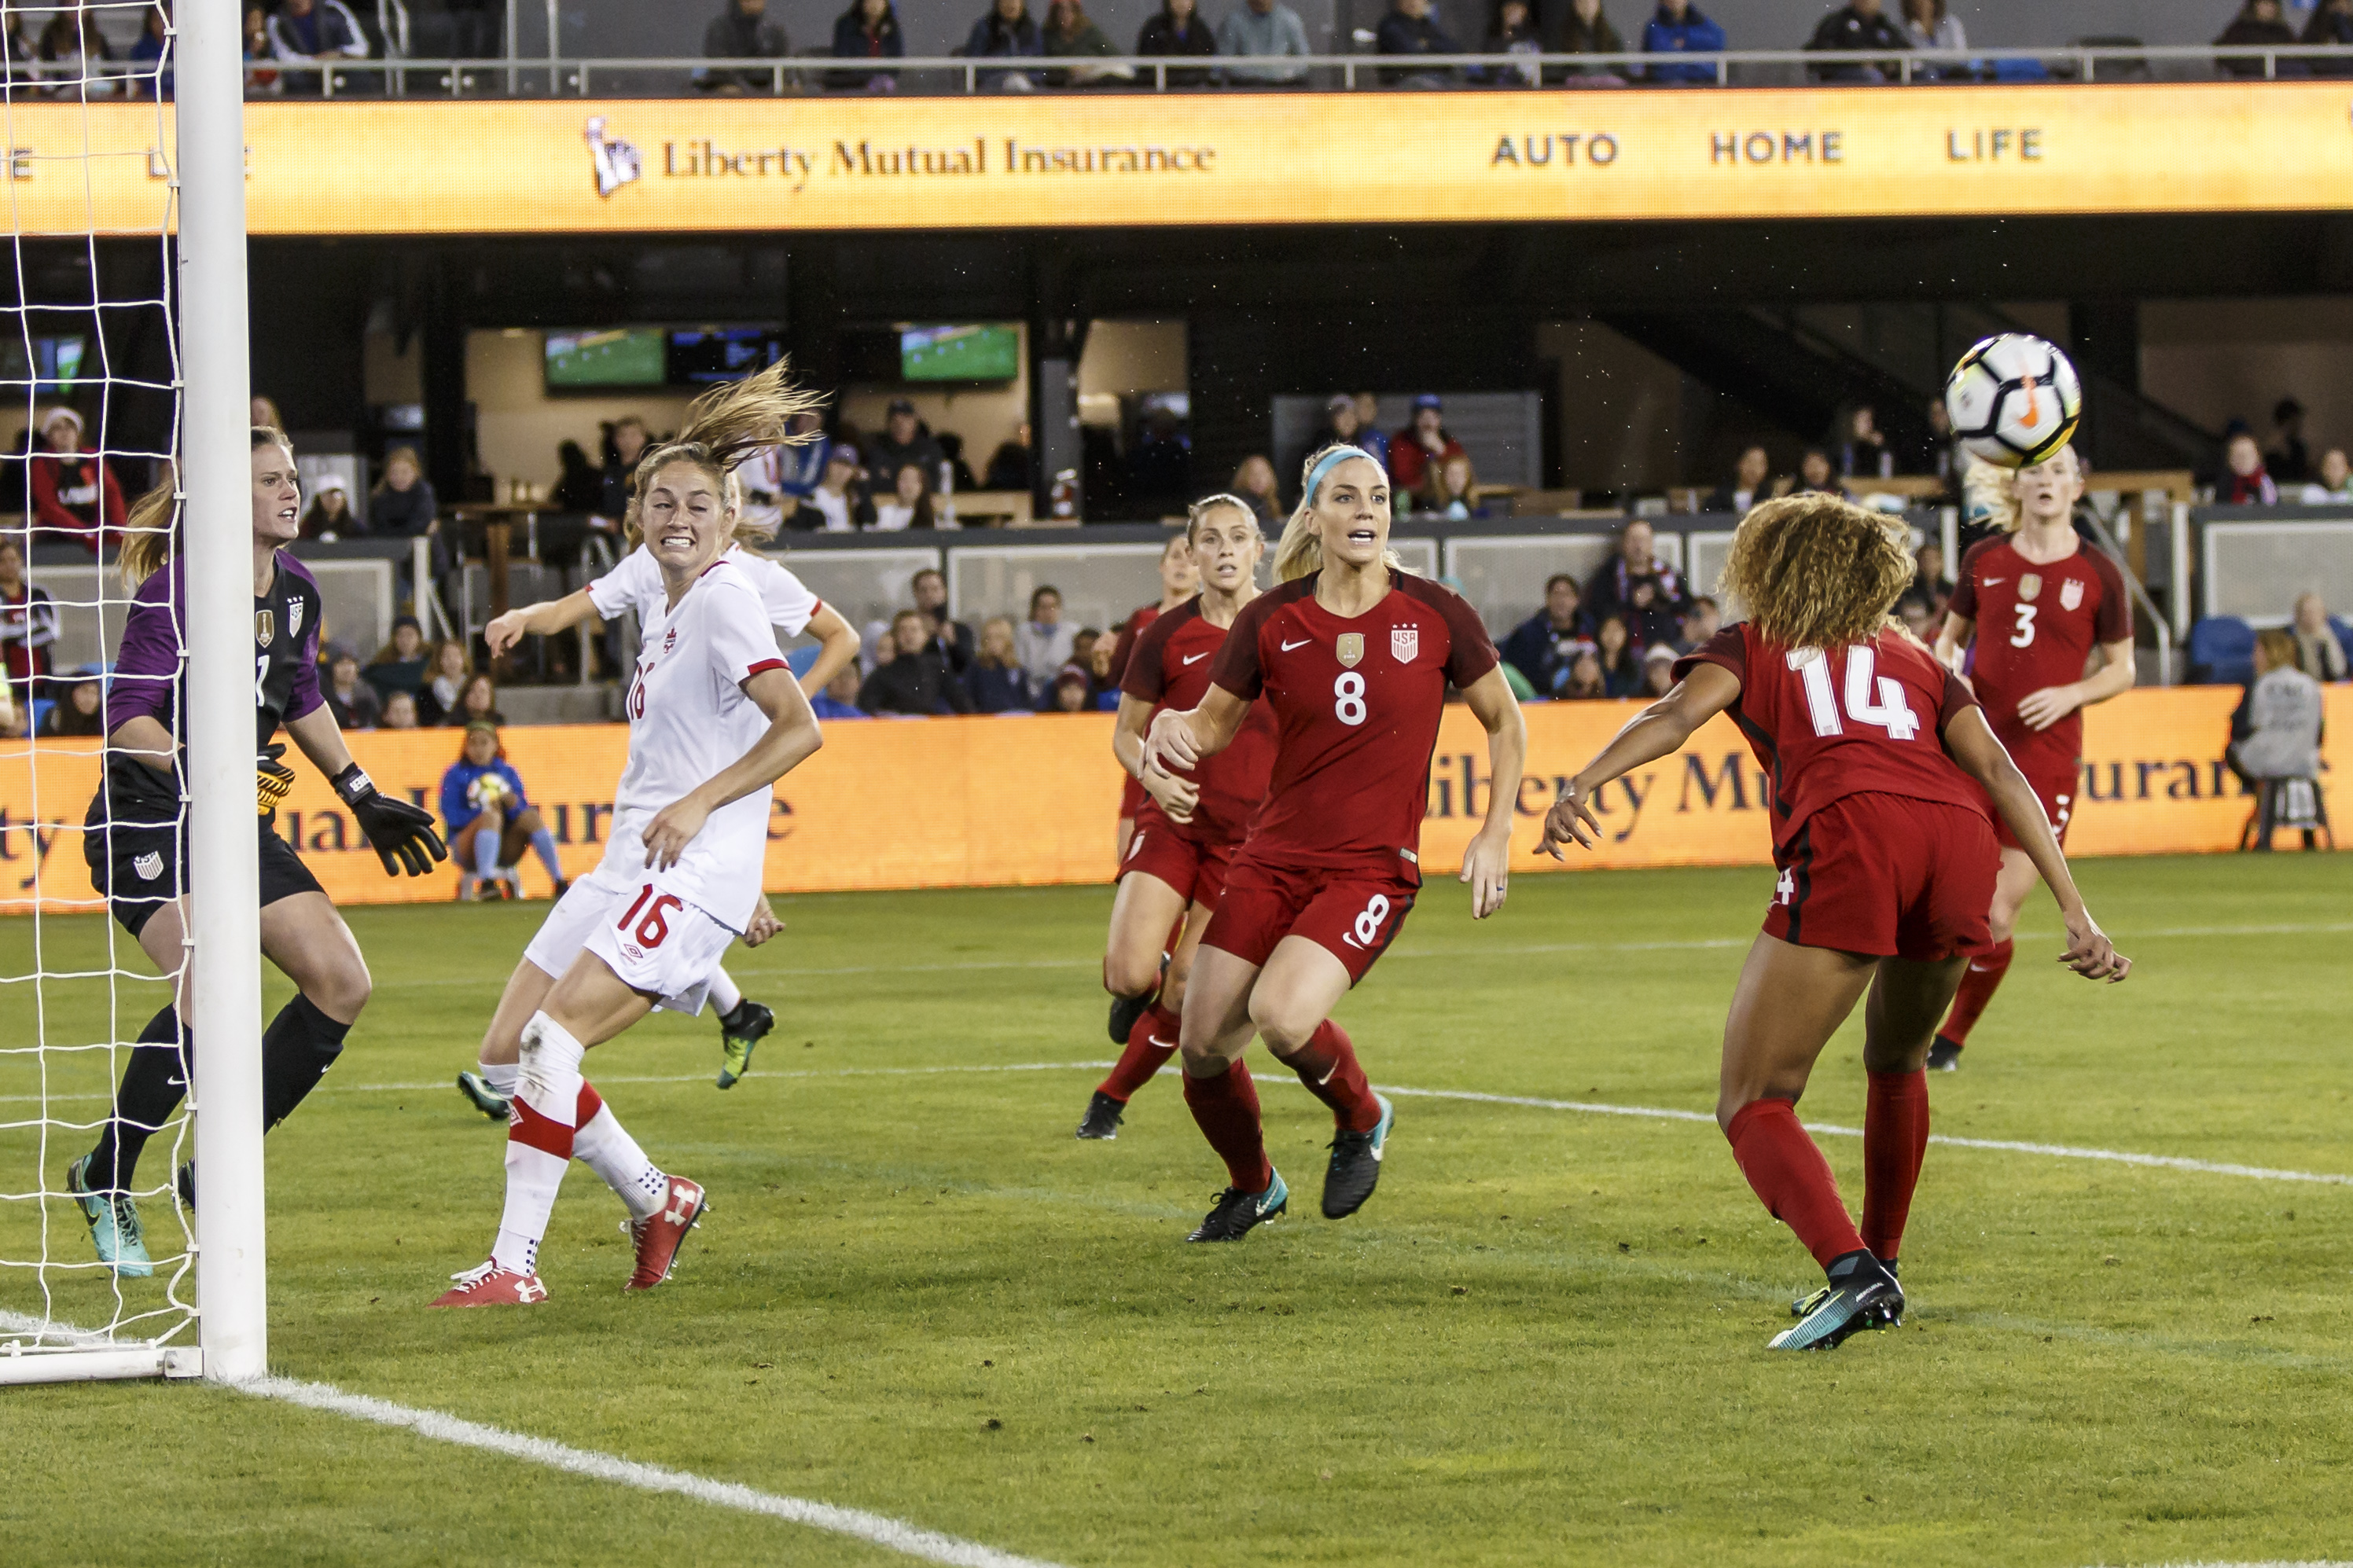 SOCCER: NOV 12 Women's - Canada v USA